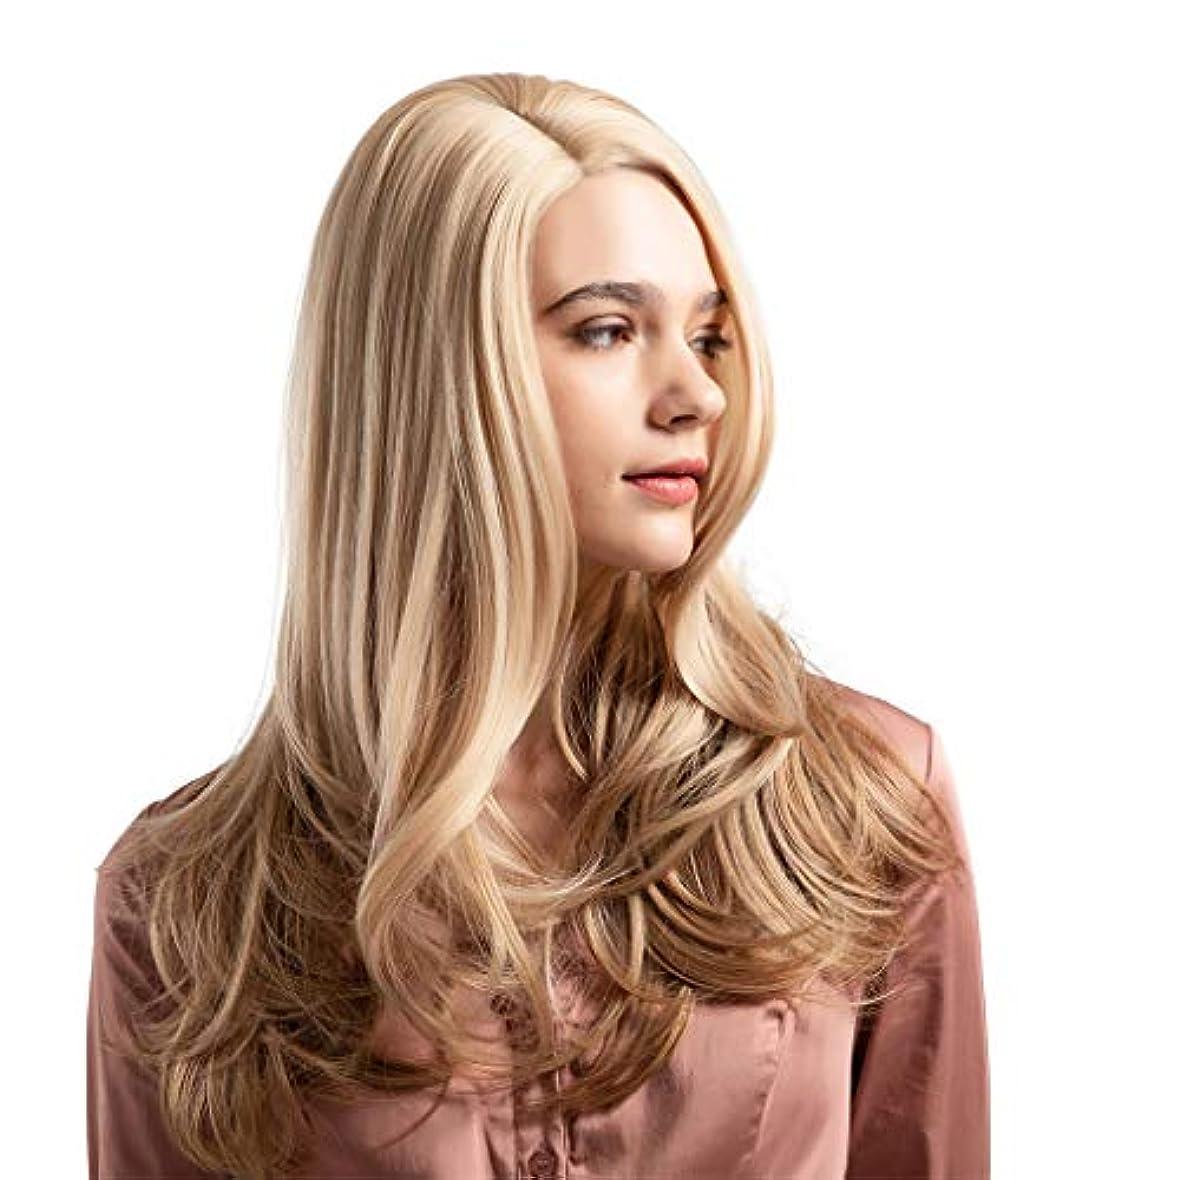 眠る種をまく丘ウィッグ女性黄金の大きな波状の巻き毛の高温シルクウィッグ22インチ